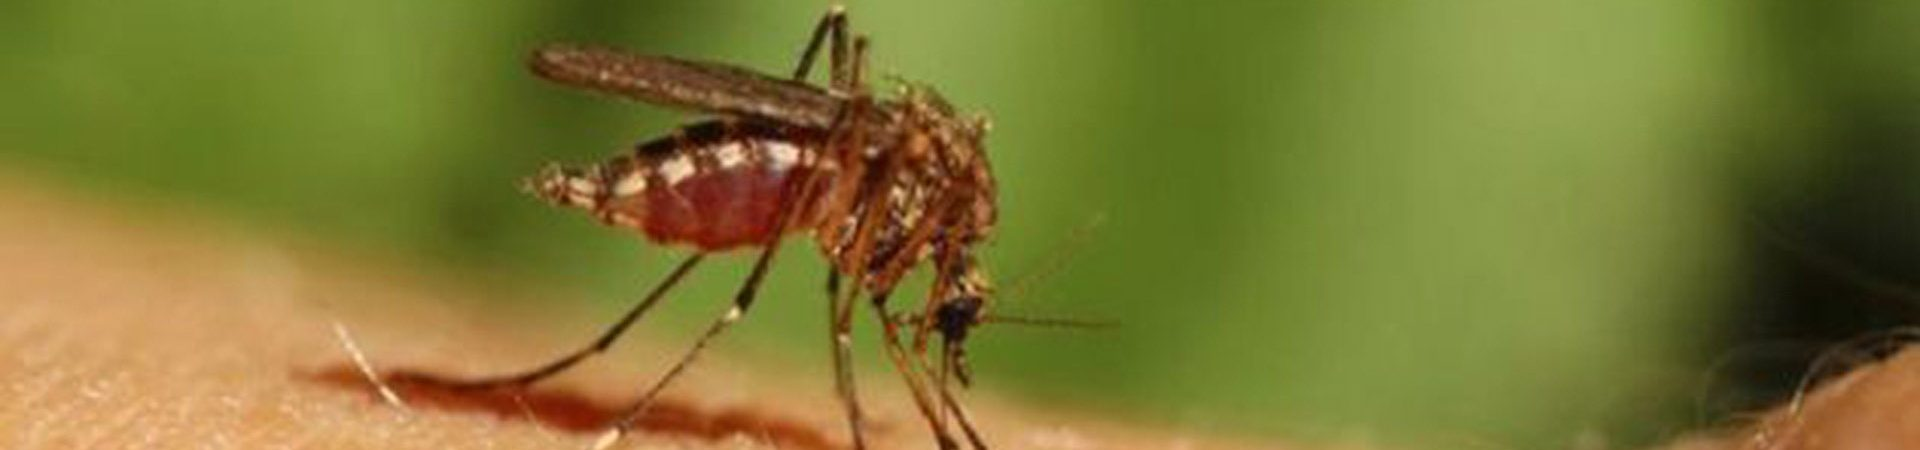 Απεντομώσεις - Αντιμετώπιση αρθρόποδων - Κουνούπια - Σκνίπες